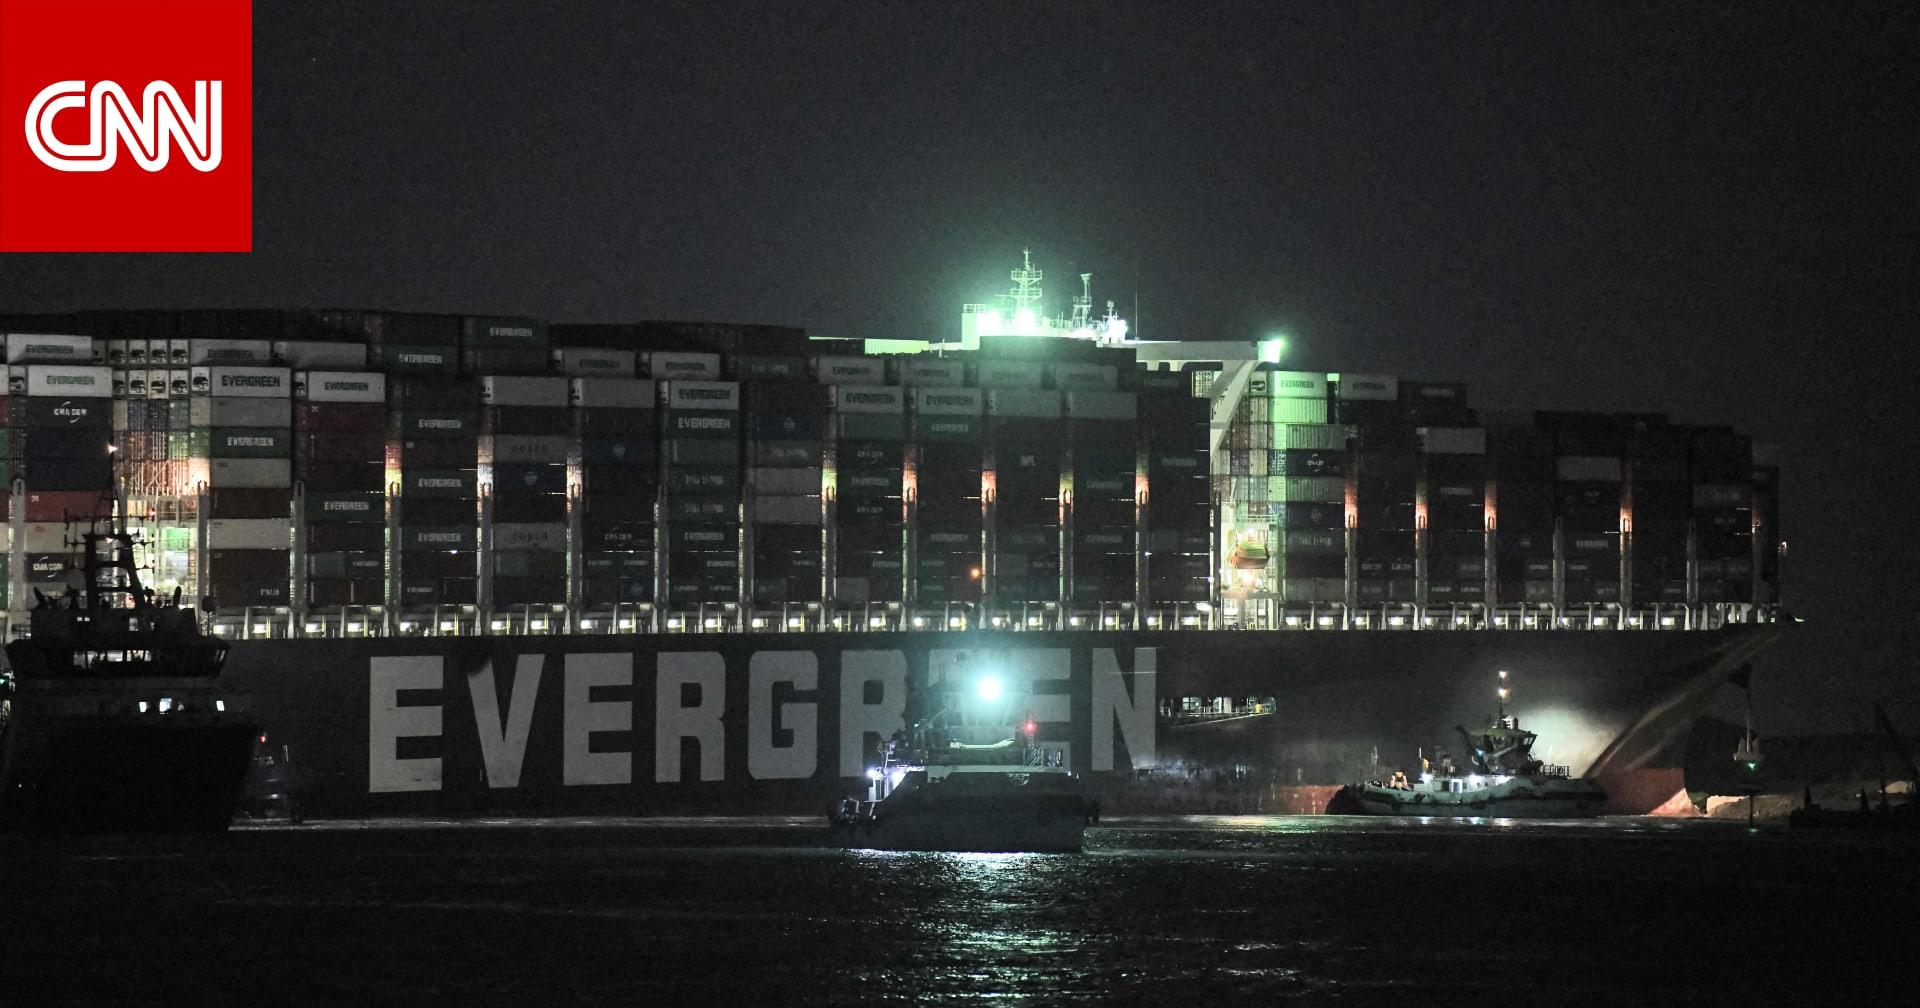 """محكمة مصرية توافق على رفع حجز ايفر جيفن.. والسفينة تعبر قناة السويس بعد """"تسوية مرضية"""""""